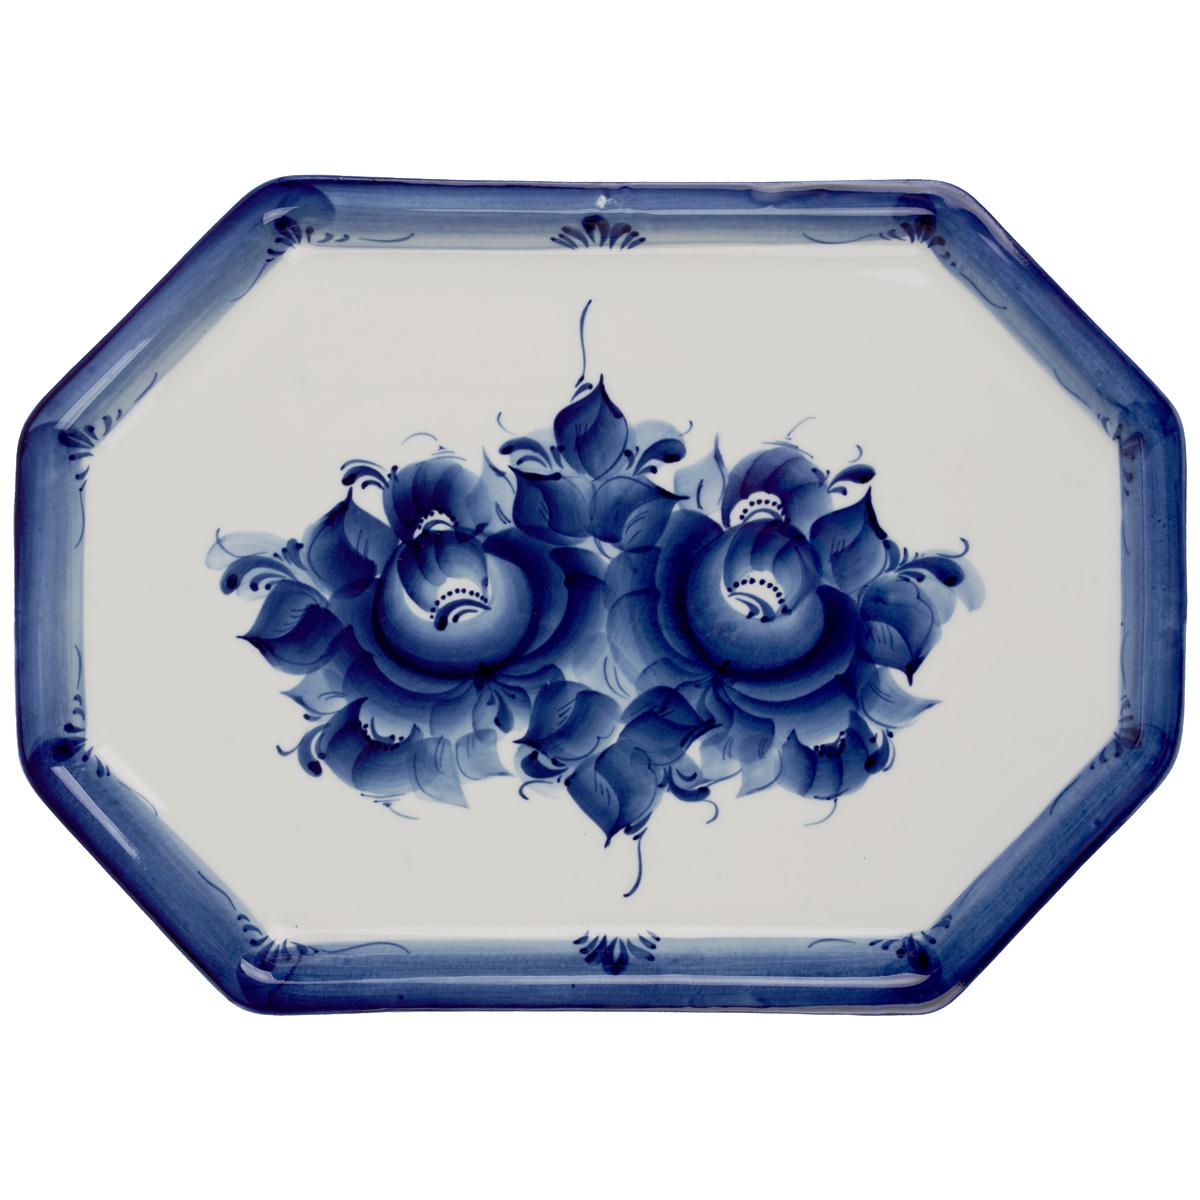 Поднос Питерский, цвет: белый, синий, 32 х 23 смМ 1125Поднос Питерский изготовлен из высококачественного фарфора и оформлен росписью в технике гжель. Может использоваться как для сервировки, так и для декора кухни. Поднос прекрасно дополнит интерьер и добавит в обычную обстановку нотки элегантности и изящества.